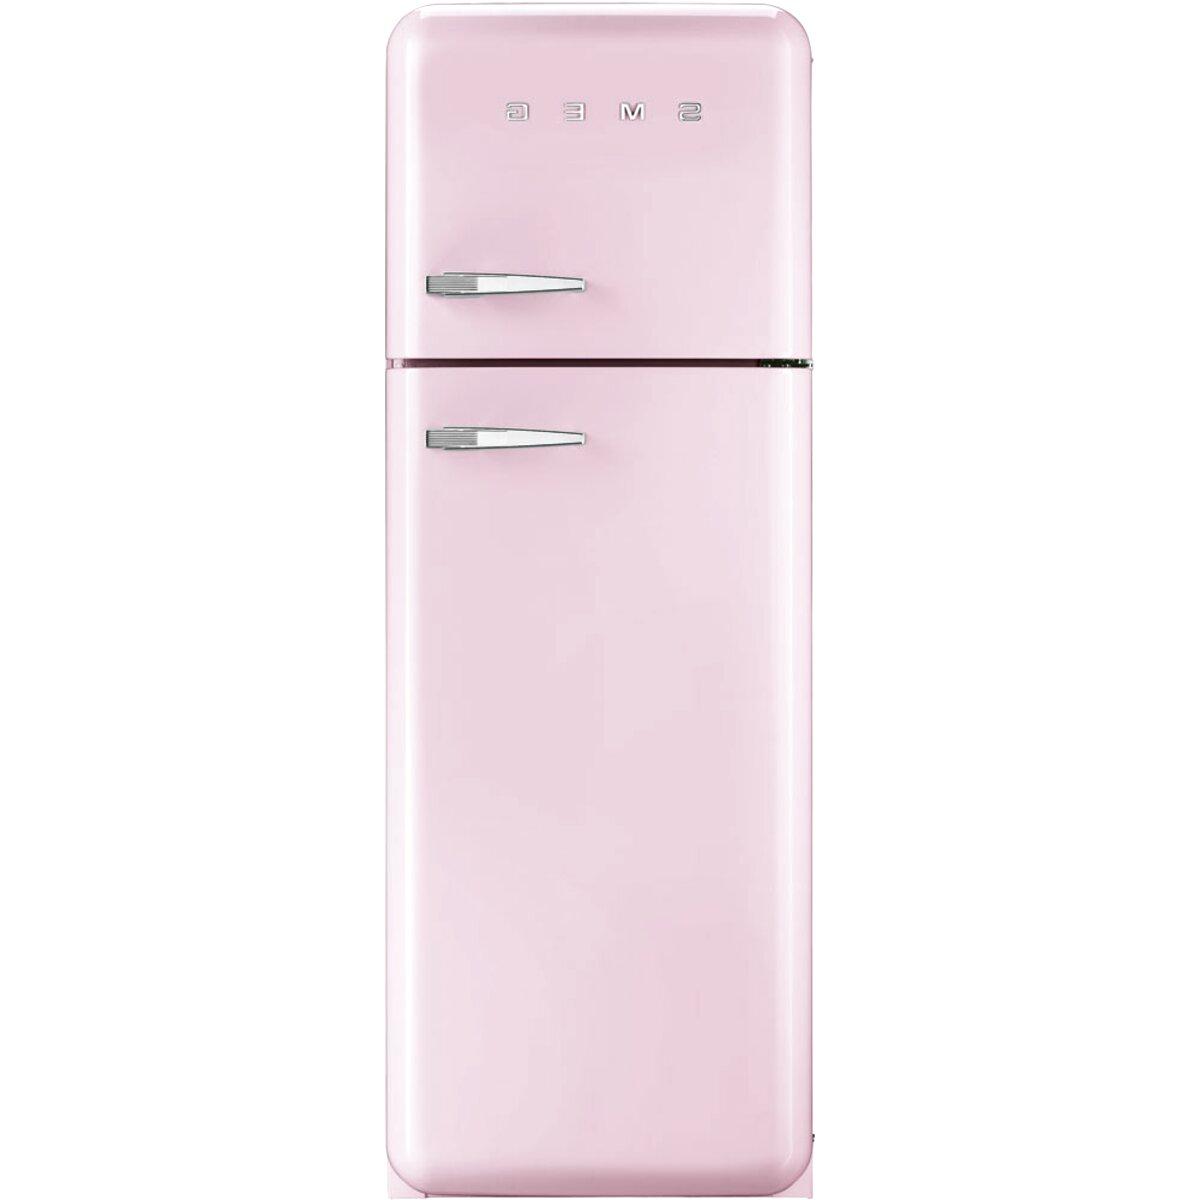 Anni 50 Frigorifero Smeg frigorifero anni 50 smeg rosa usato in italia | vedi tutte i